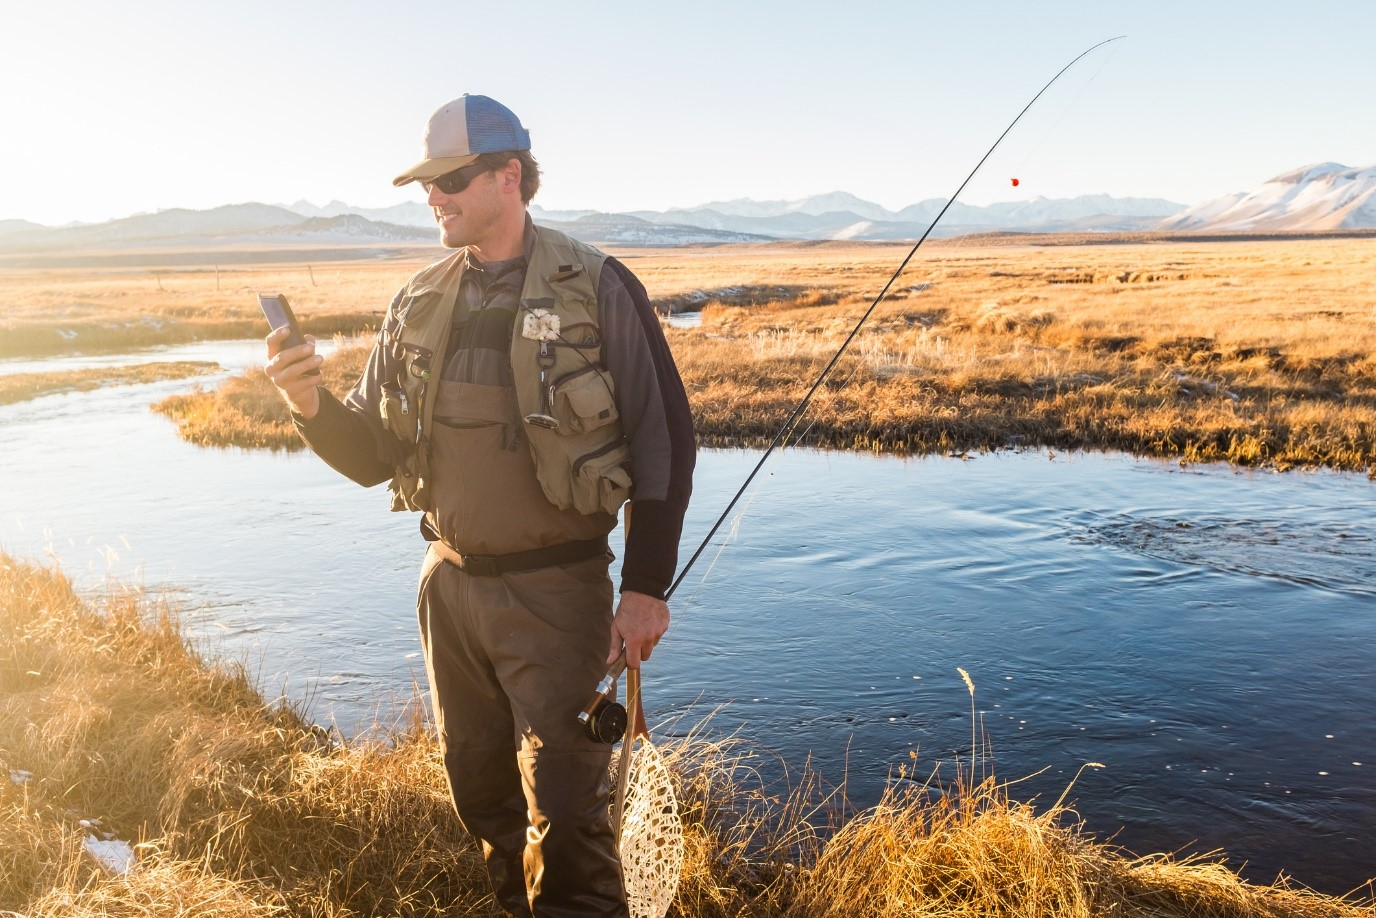 Fisherman using mobile phone